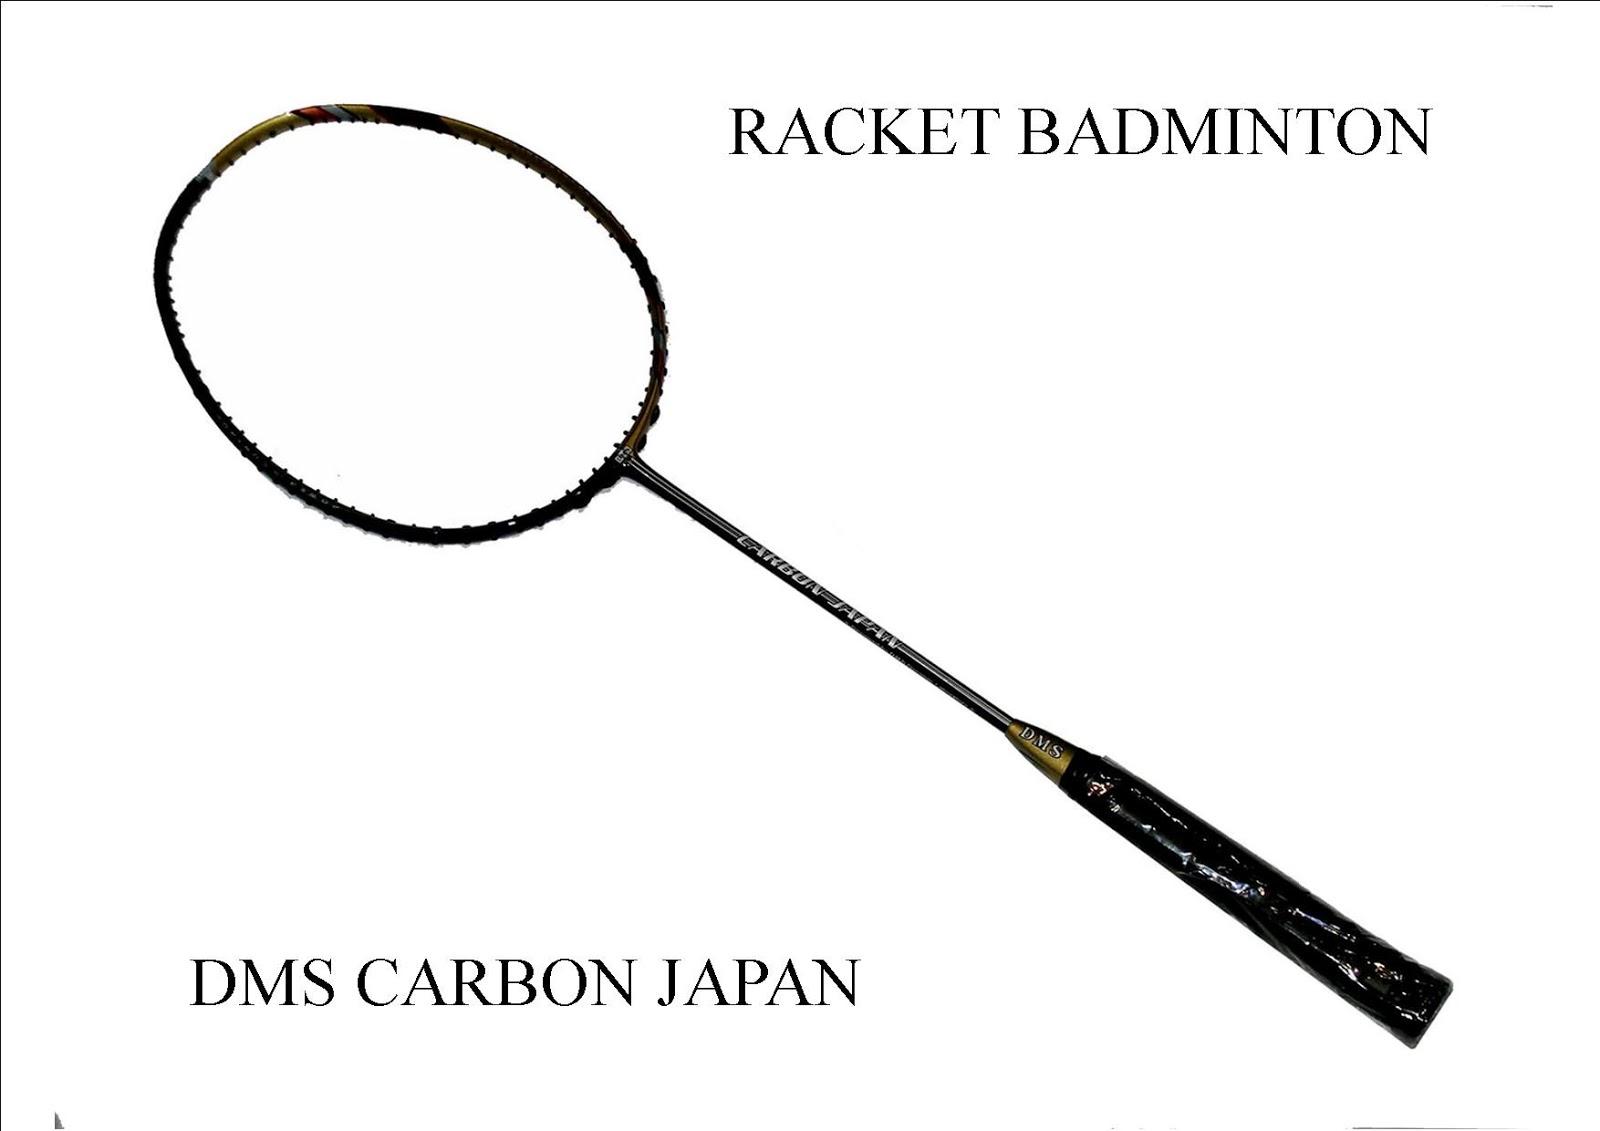 63 Raket Badminton Mahal Rak Yonex  Berkualitas Jual Murah Dan Bagusberkualitas